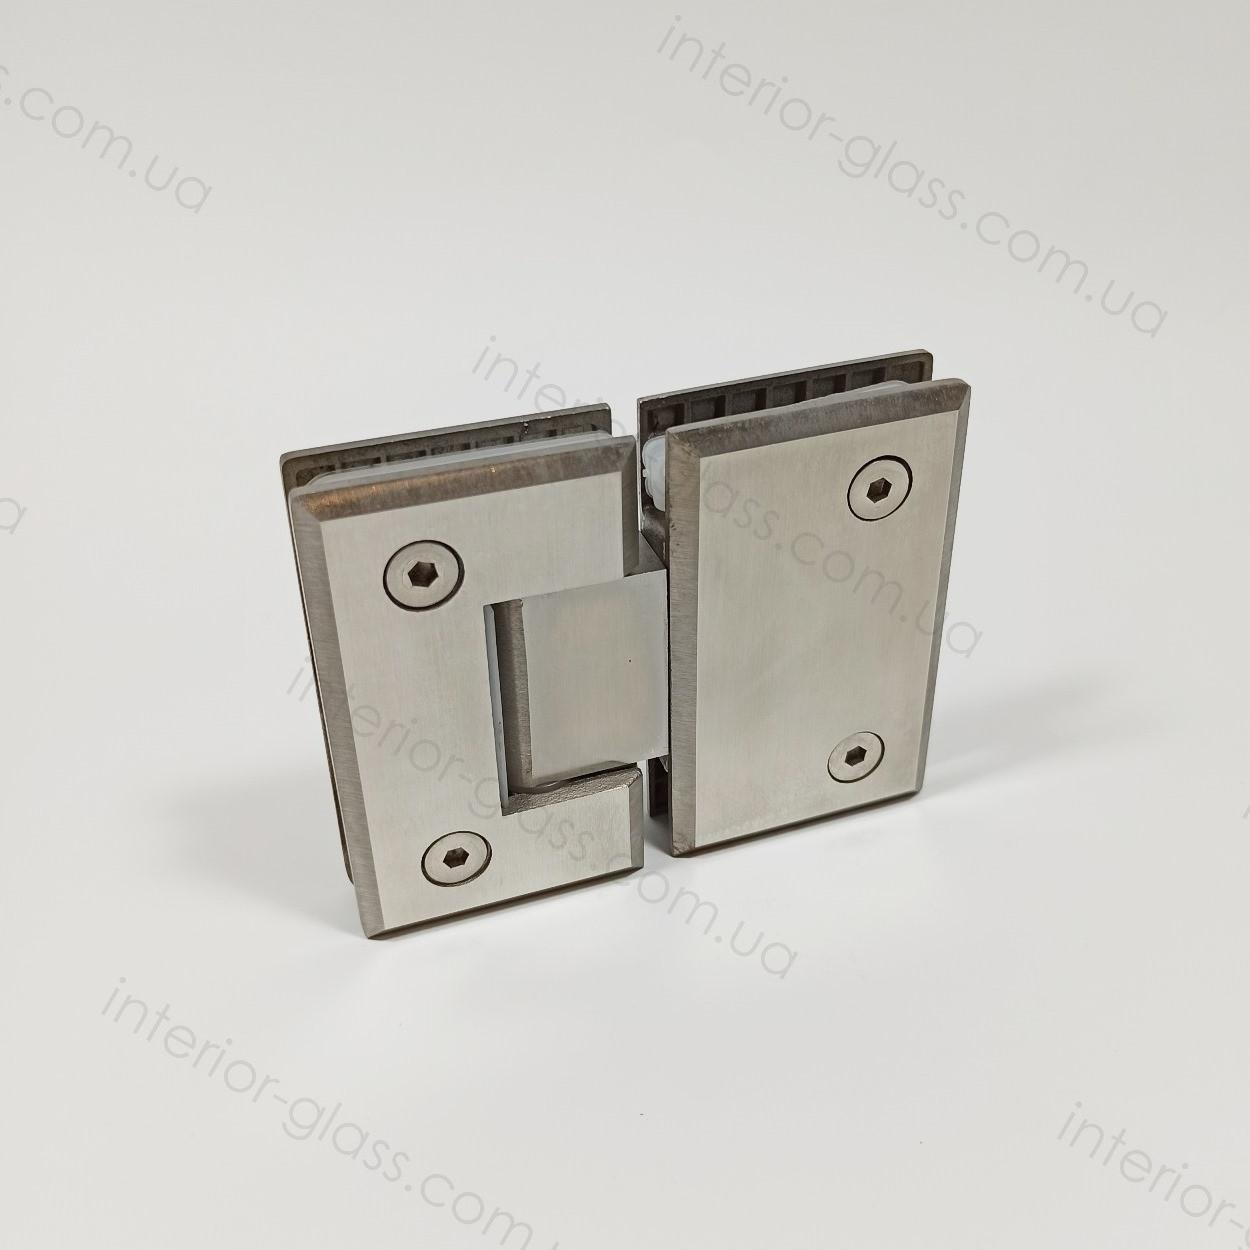 Петля душевая стекло-стекло 180° HDL-303 SSS матовая нержавеющая сталь